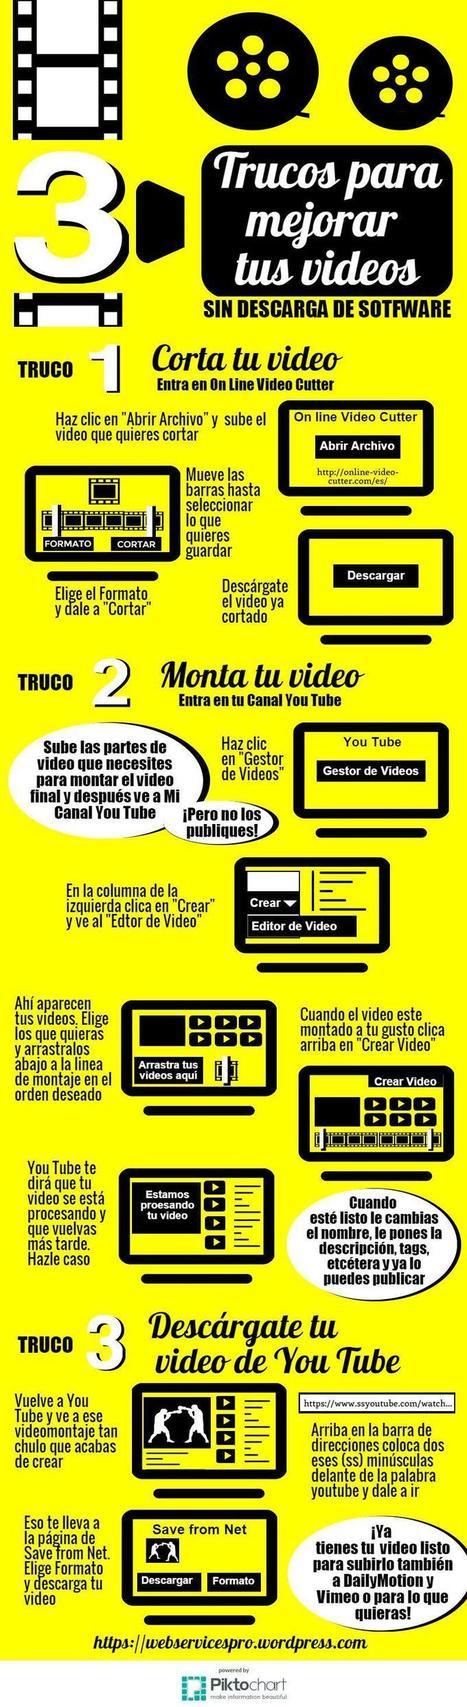 3 trucos para mejorar tus vídeos | Profesión Palabra: oratoria, guión, producción... | Scoop.it